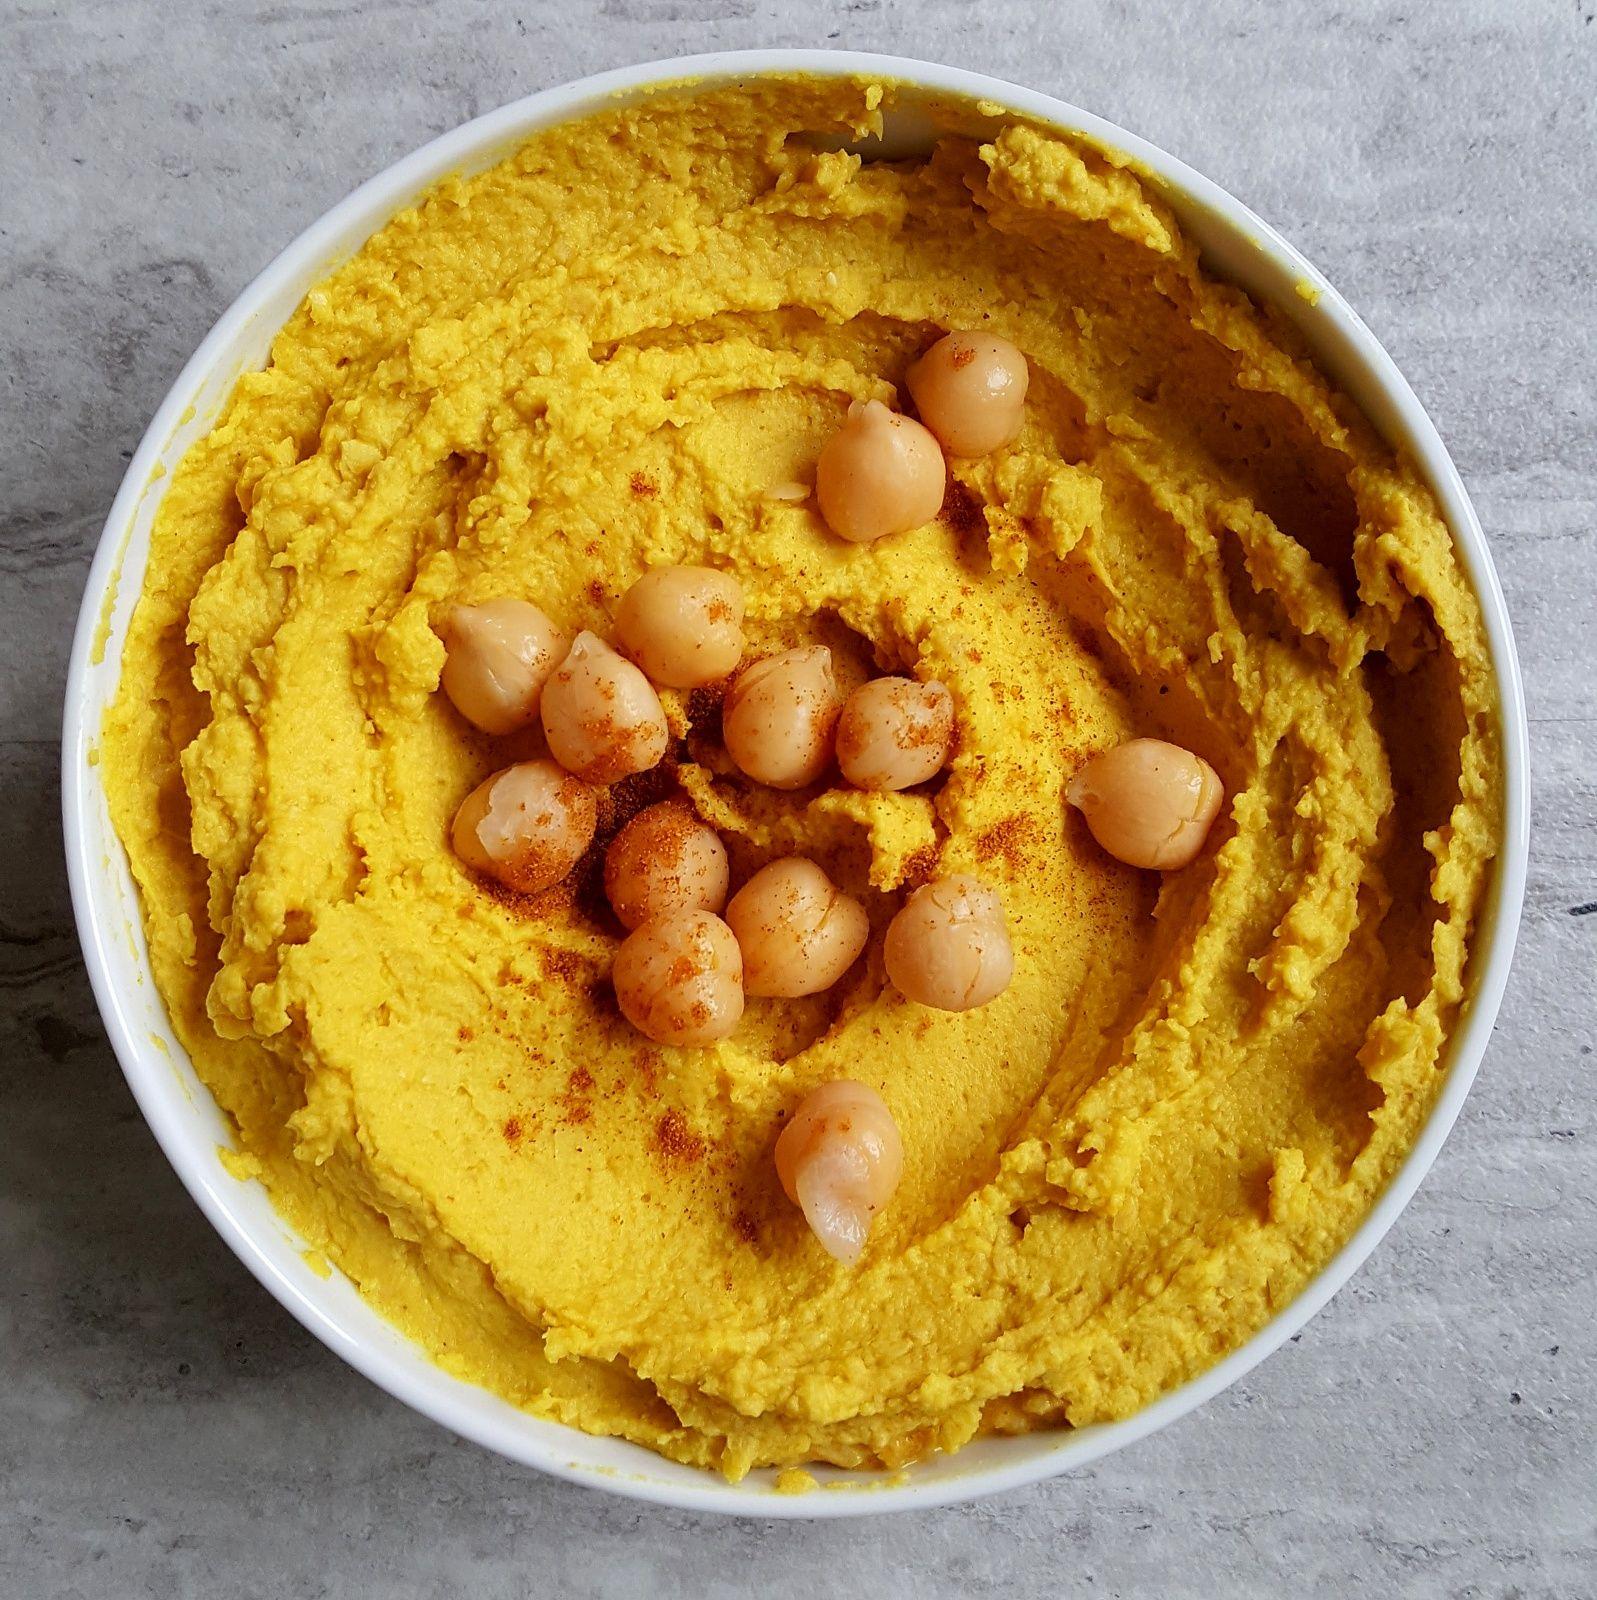 Dyniowy hummus to bardzo zdrowy i jednocześnie smaczny dodatek do kanapek lub dip do warzyw. Zobaczcie jak szybko go przygotujecie.